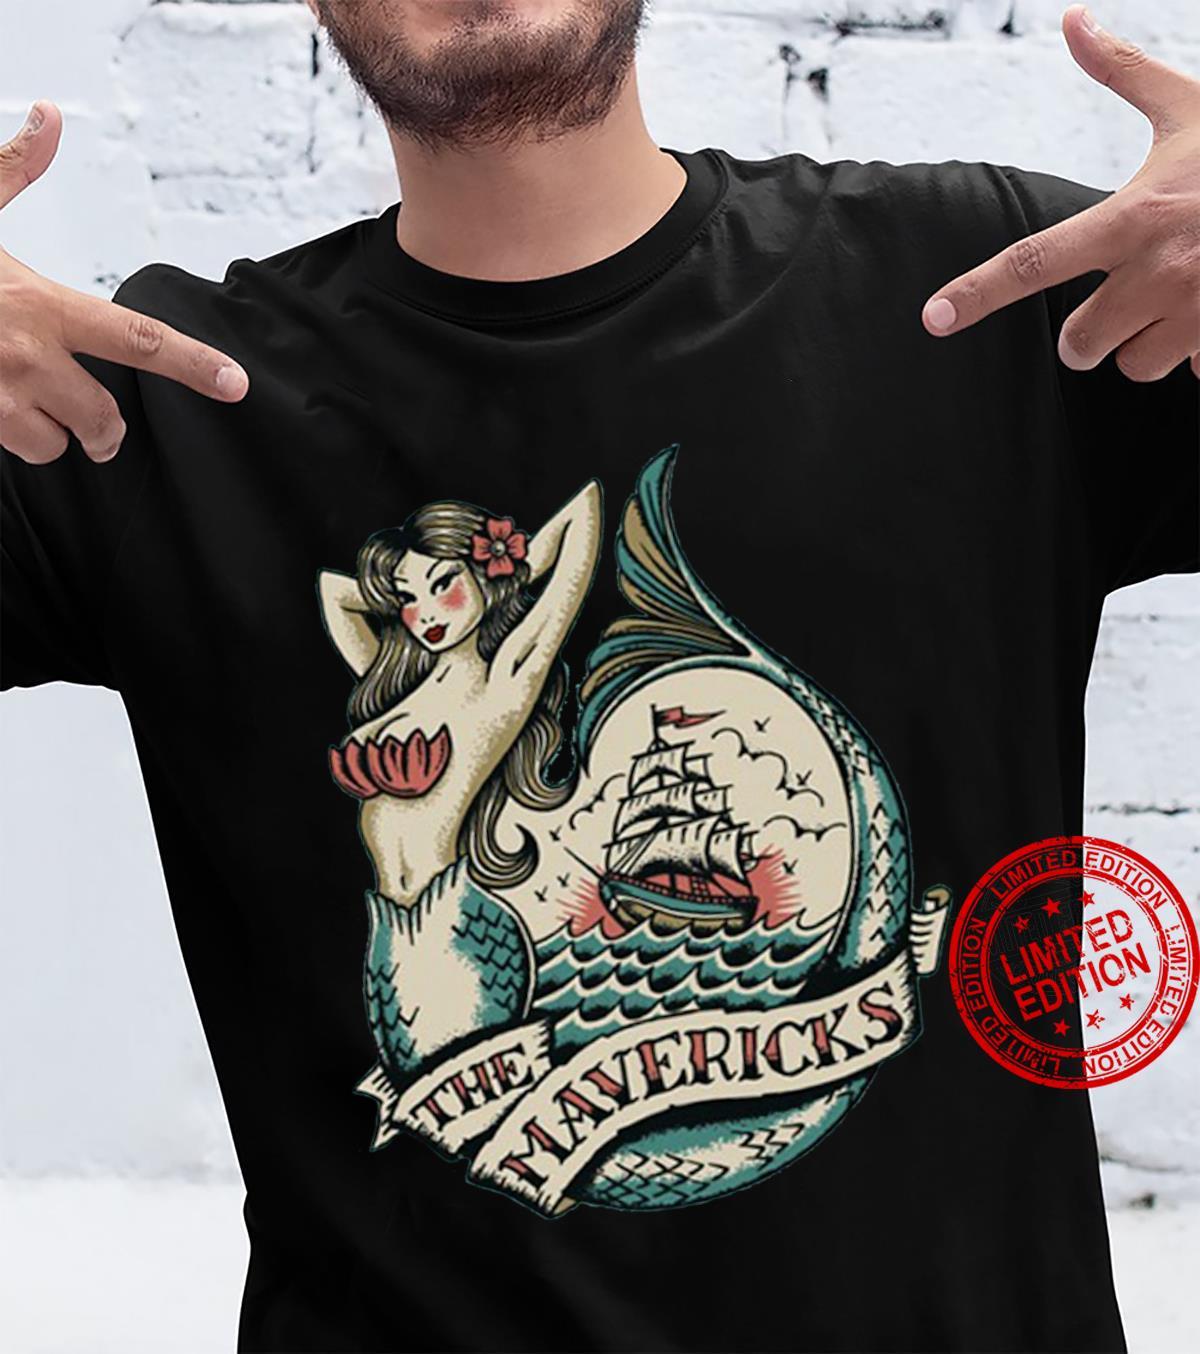 The Mavericks Merch World Shirt